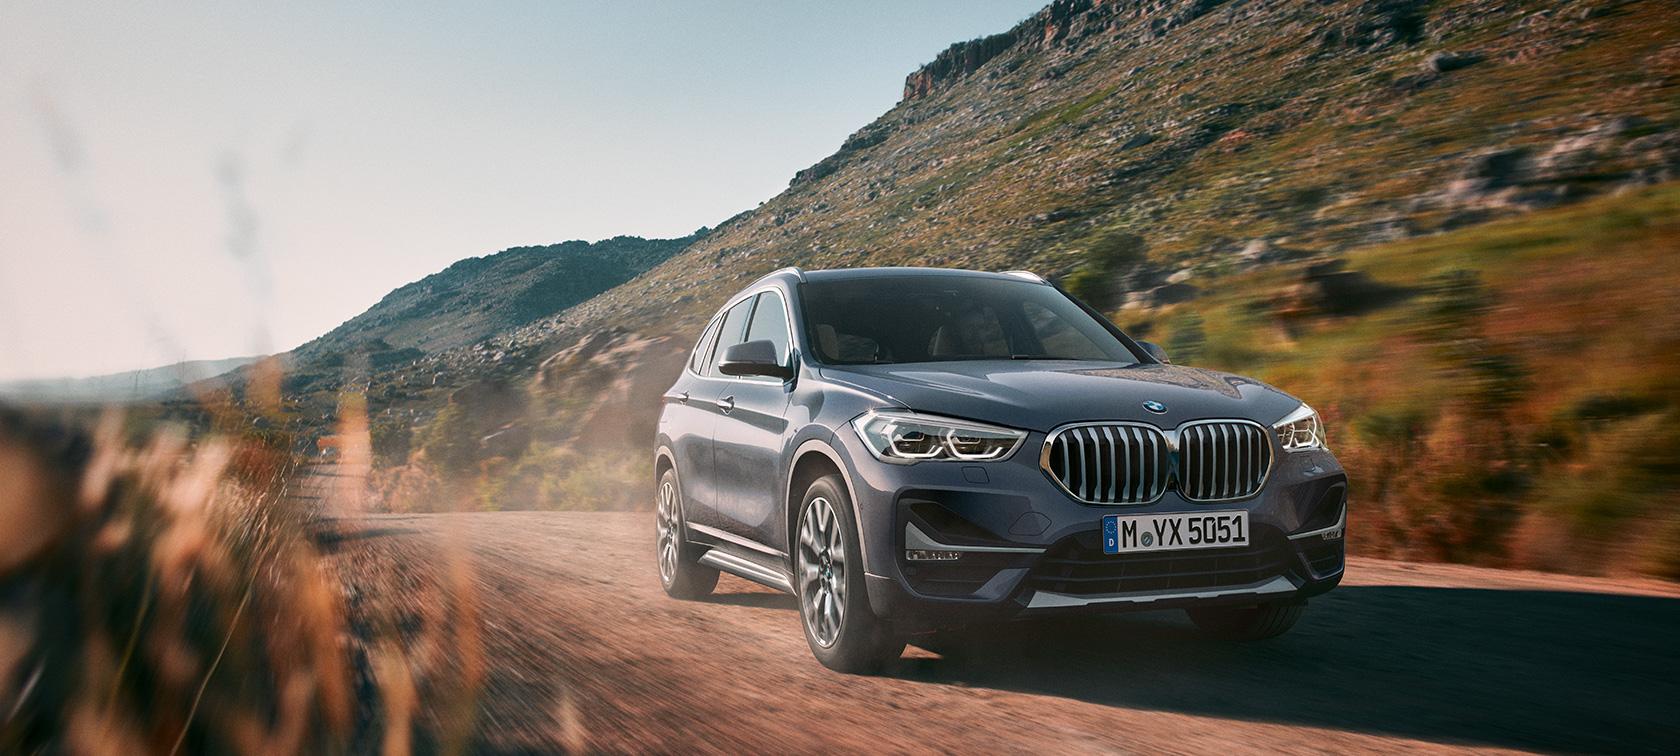 Nuova BMW X1: il SAV flessibile e dinamico | BMW.it